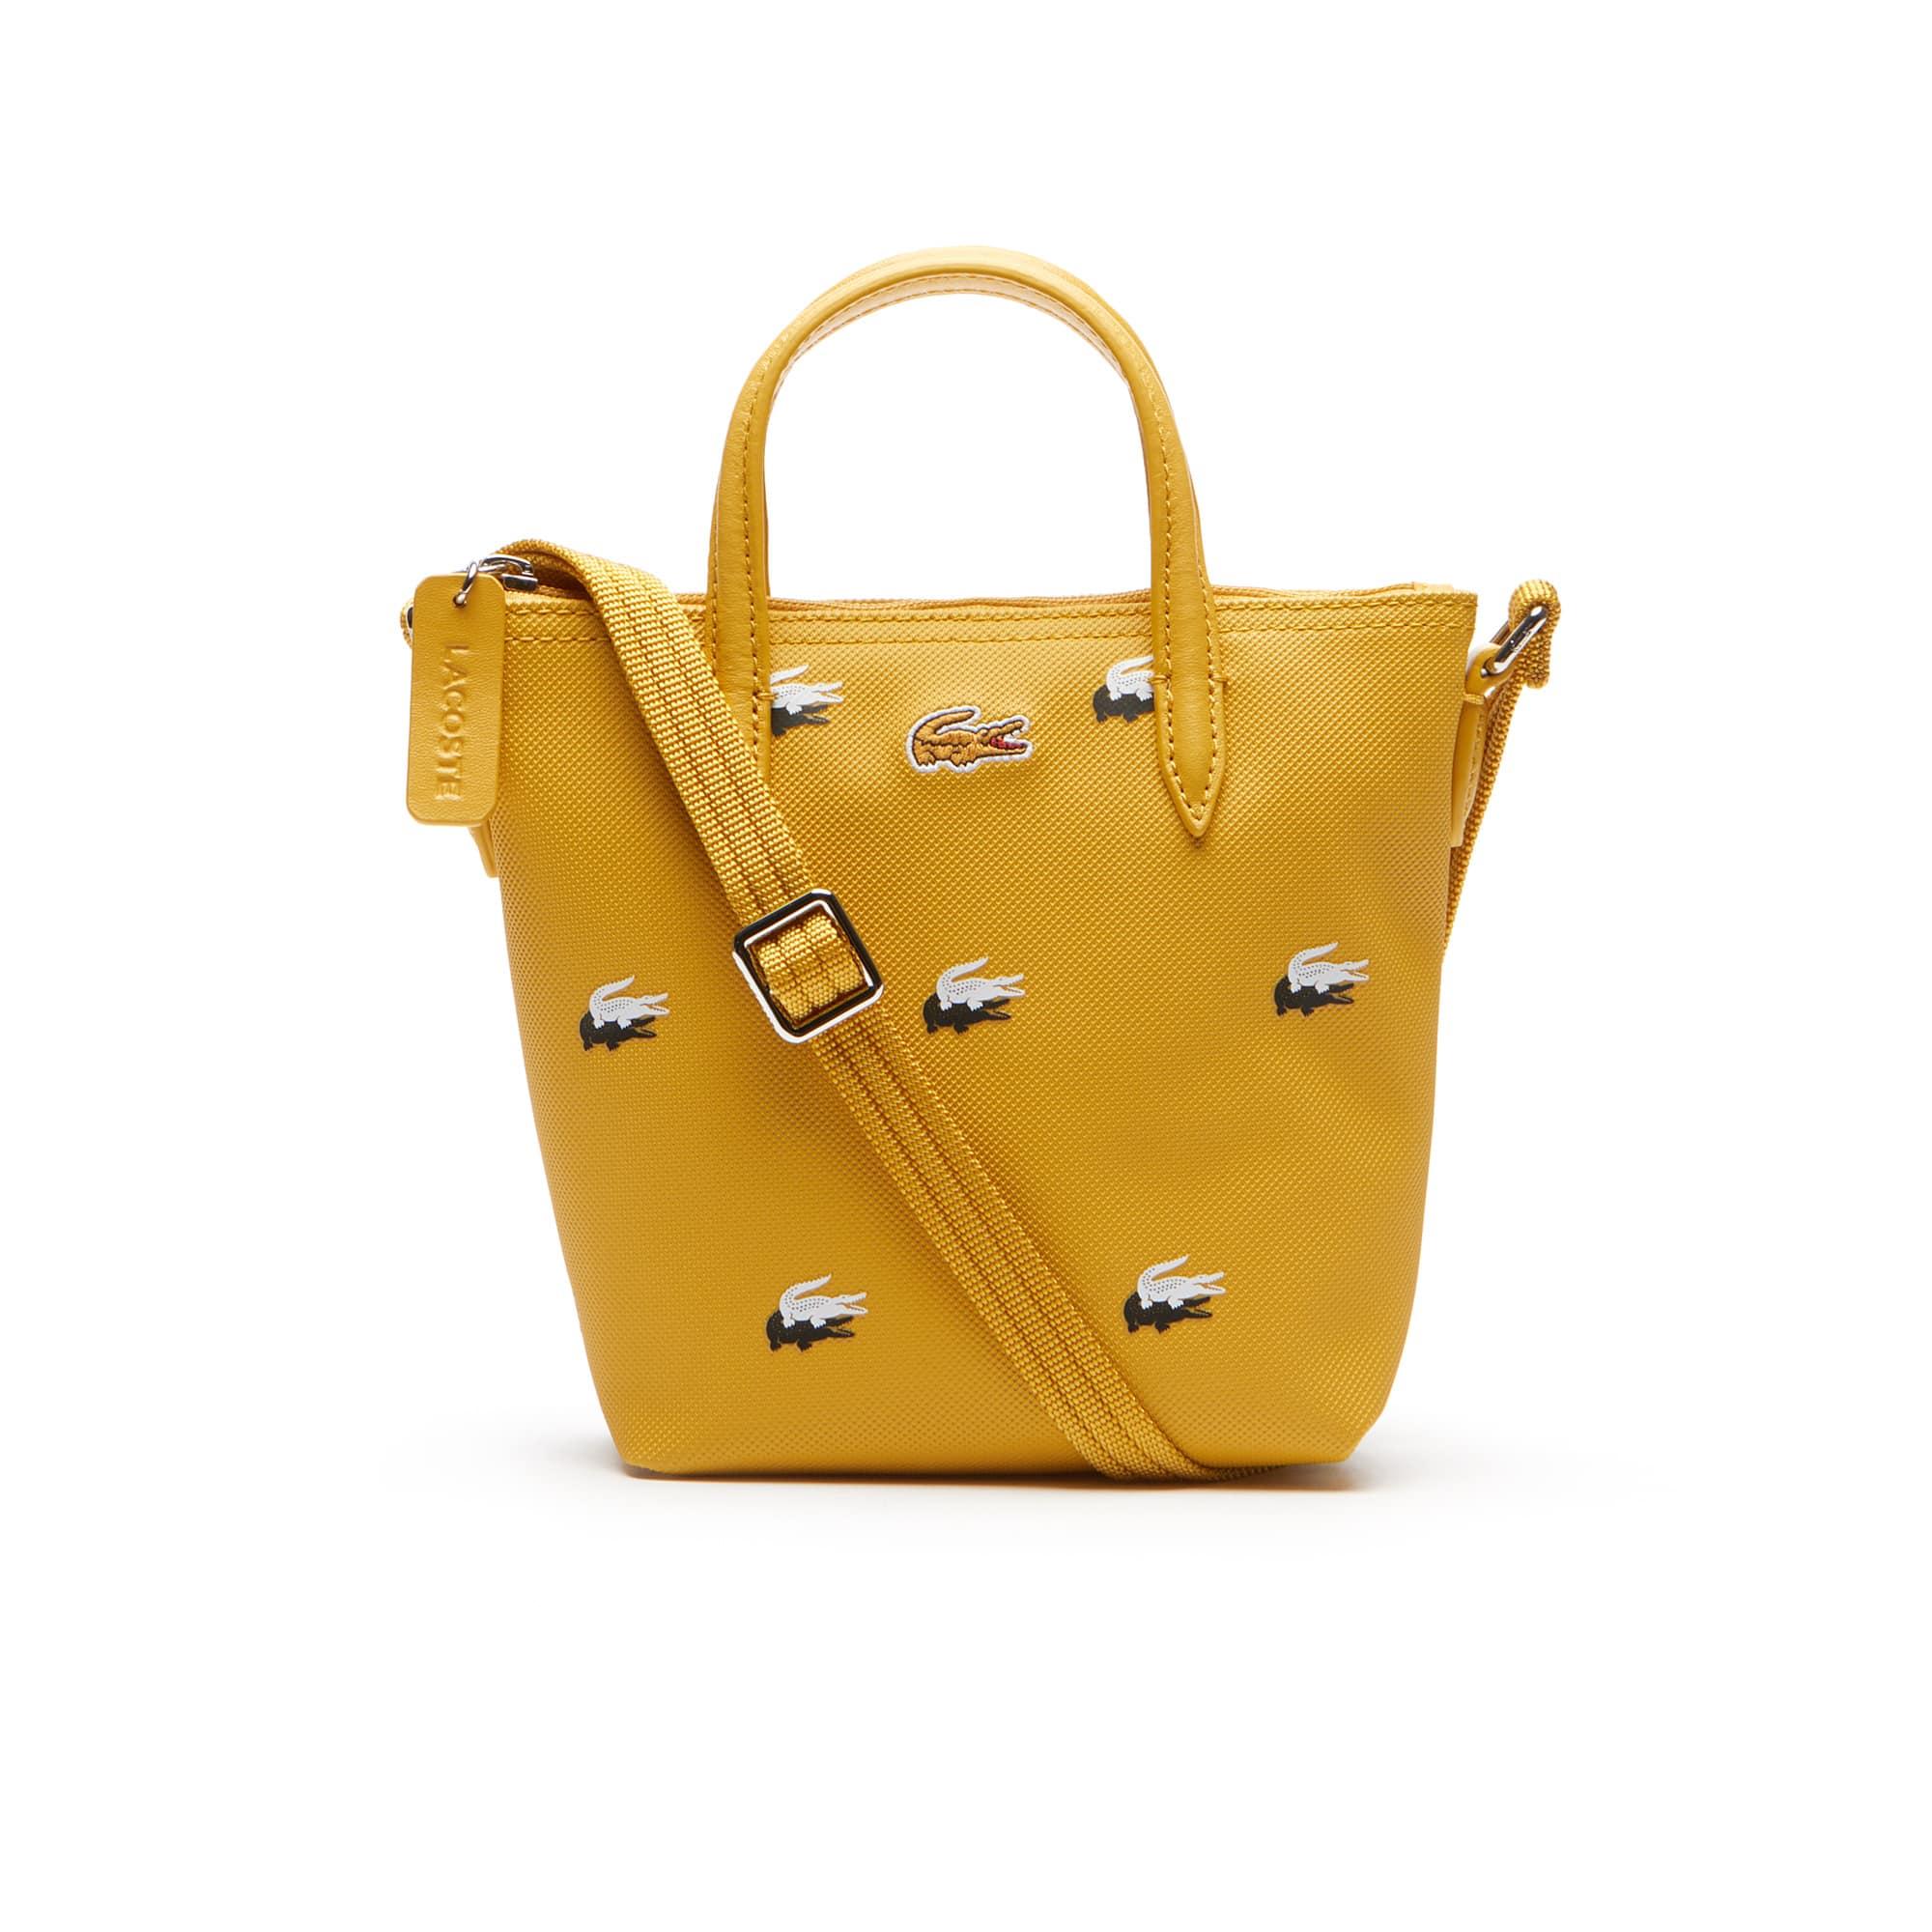 Damen L.12.12 CONCEPT Tote Bag aus Petit Piqué mit Croc-Print